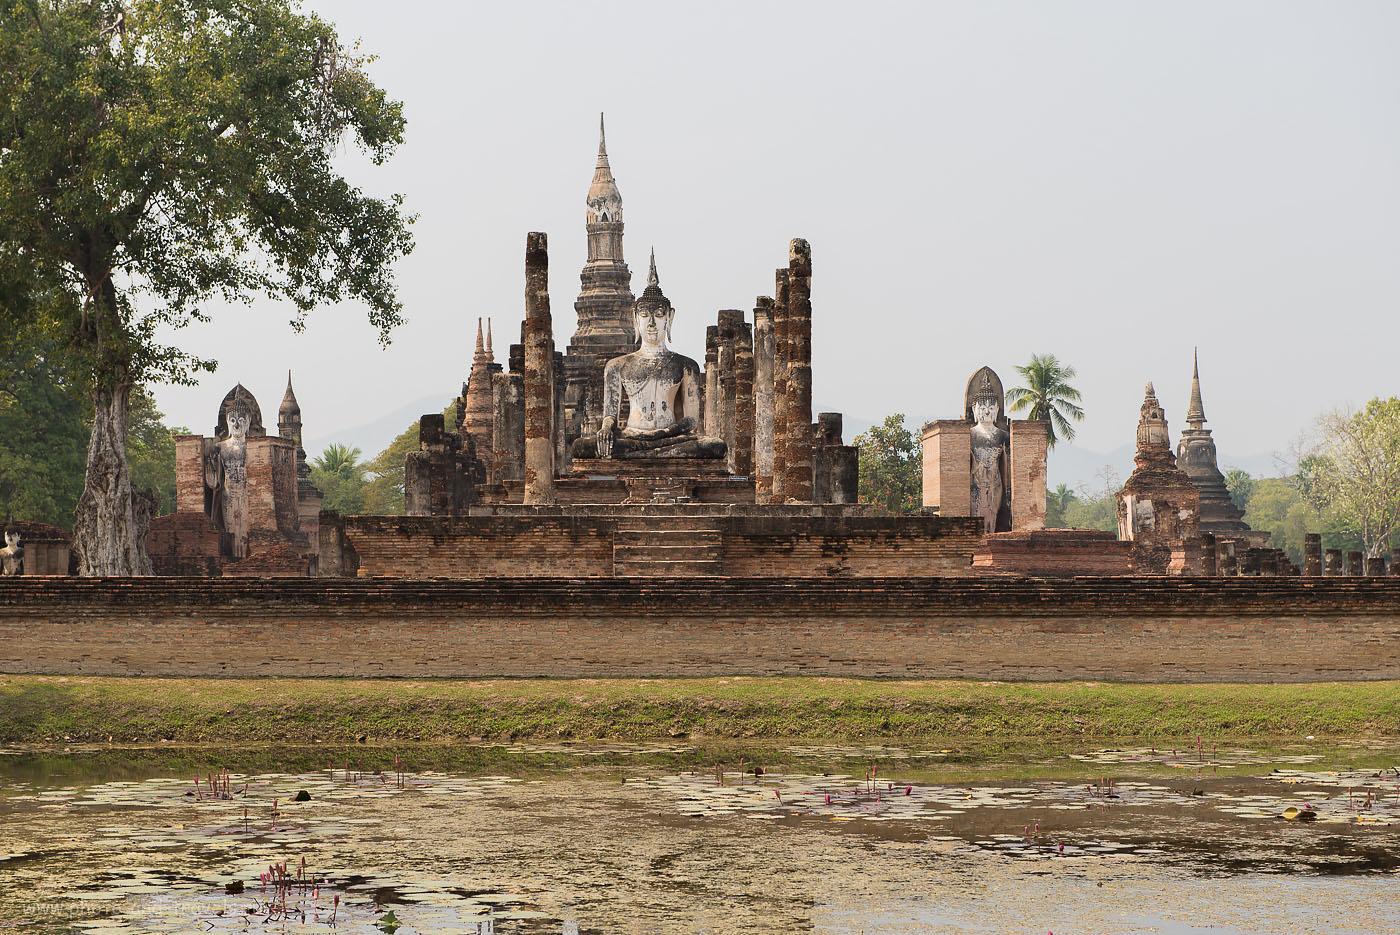 Фото 8. Храмовый комплекс Wat Mahathat (Ват Махатхат) в историческом парке Сукхотай. Тур в Таиланд самостоятельно.